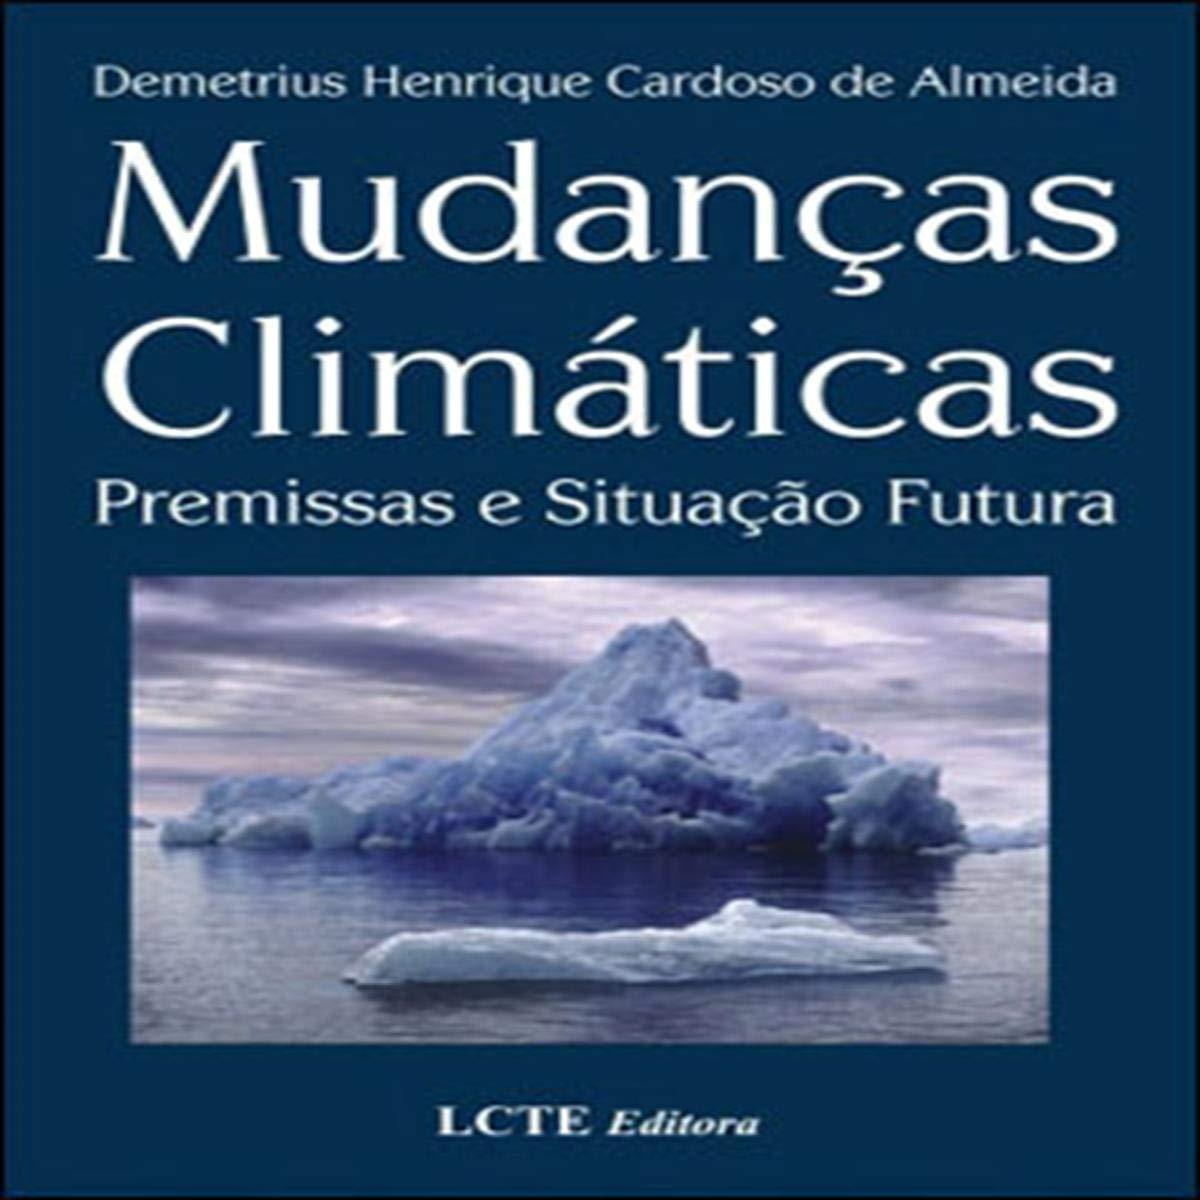 Mudanças Climáticas. Premissas e Situação Futura: Demetríus Henrique Cardoso de Almeida: 9788598257501: Amazon.com: Books